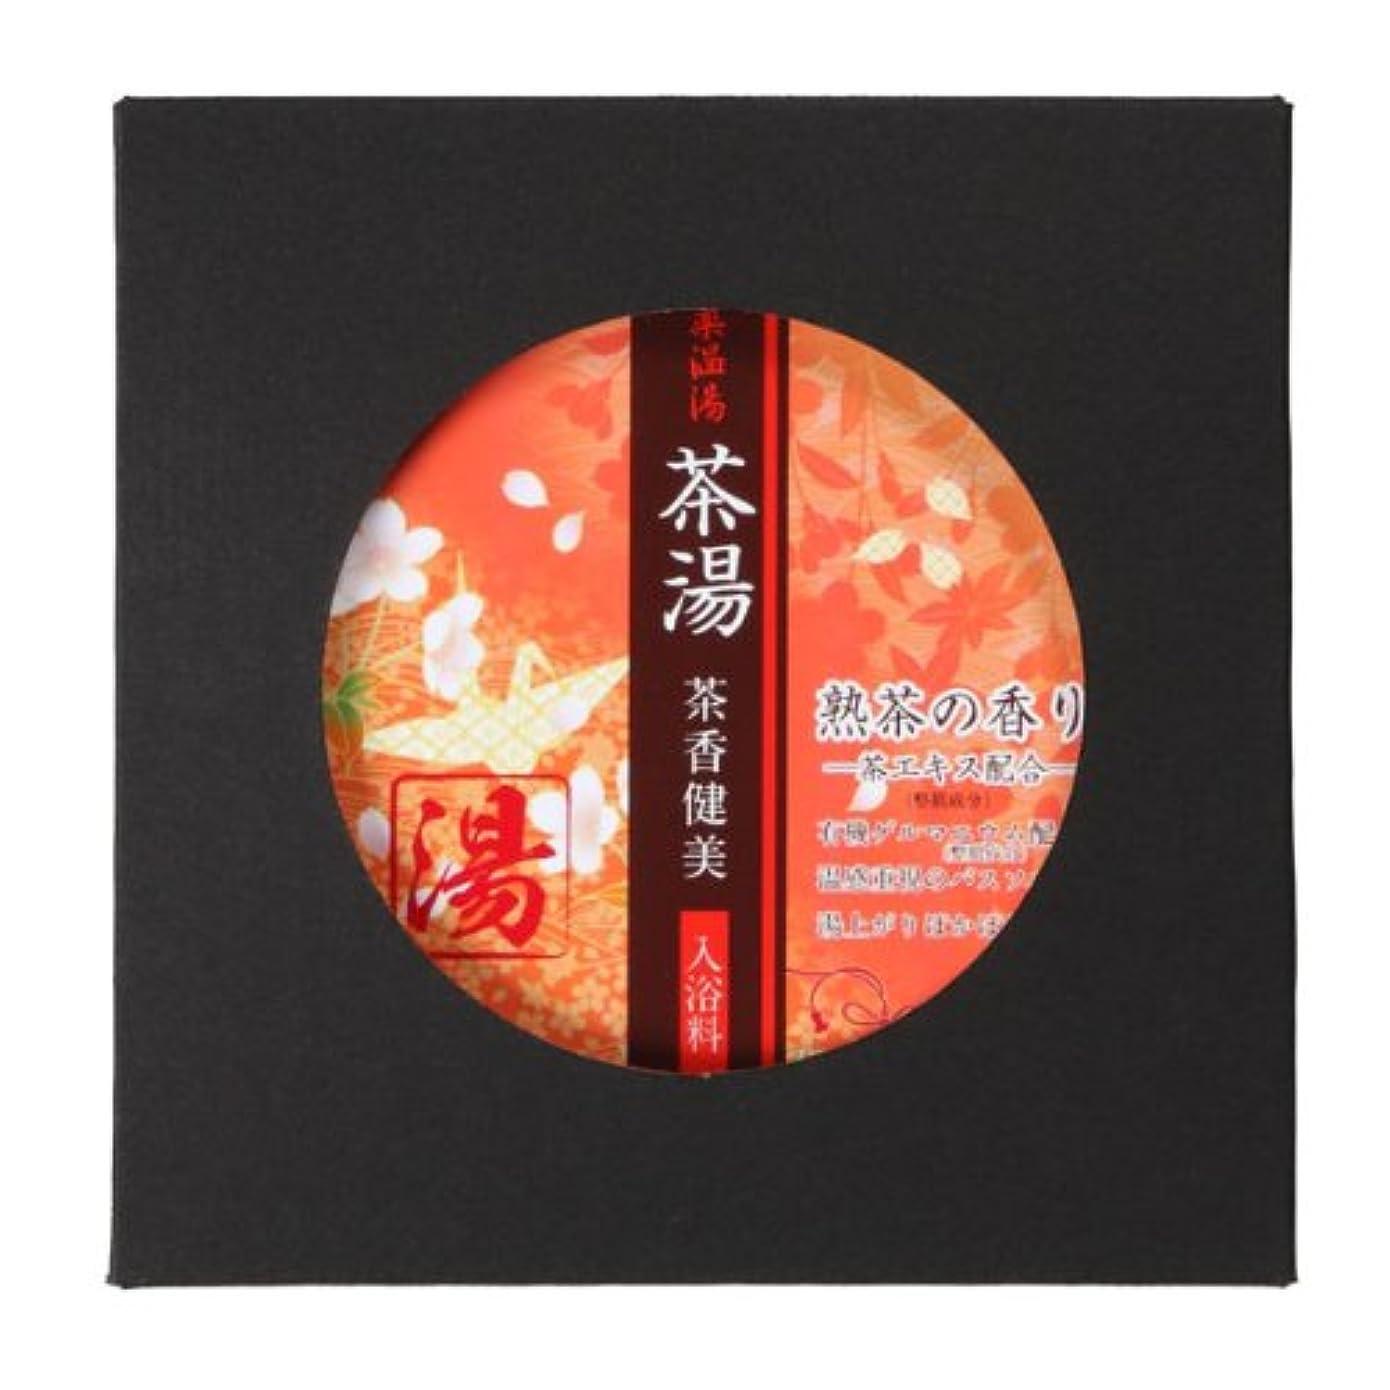 やろう類似性に対応する薬温湯 茶湯 入浴料 熟茶の香り POF-10J